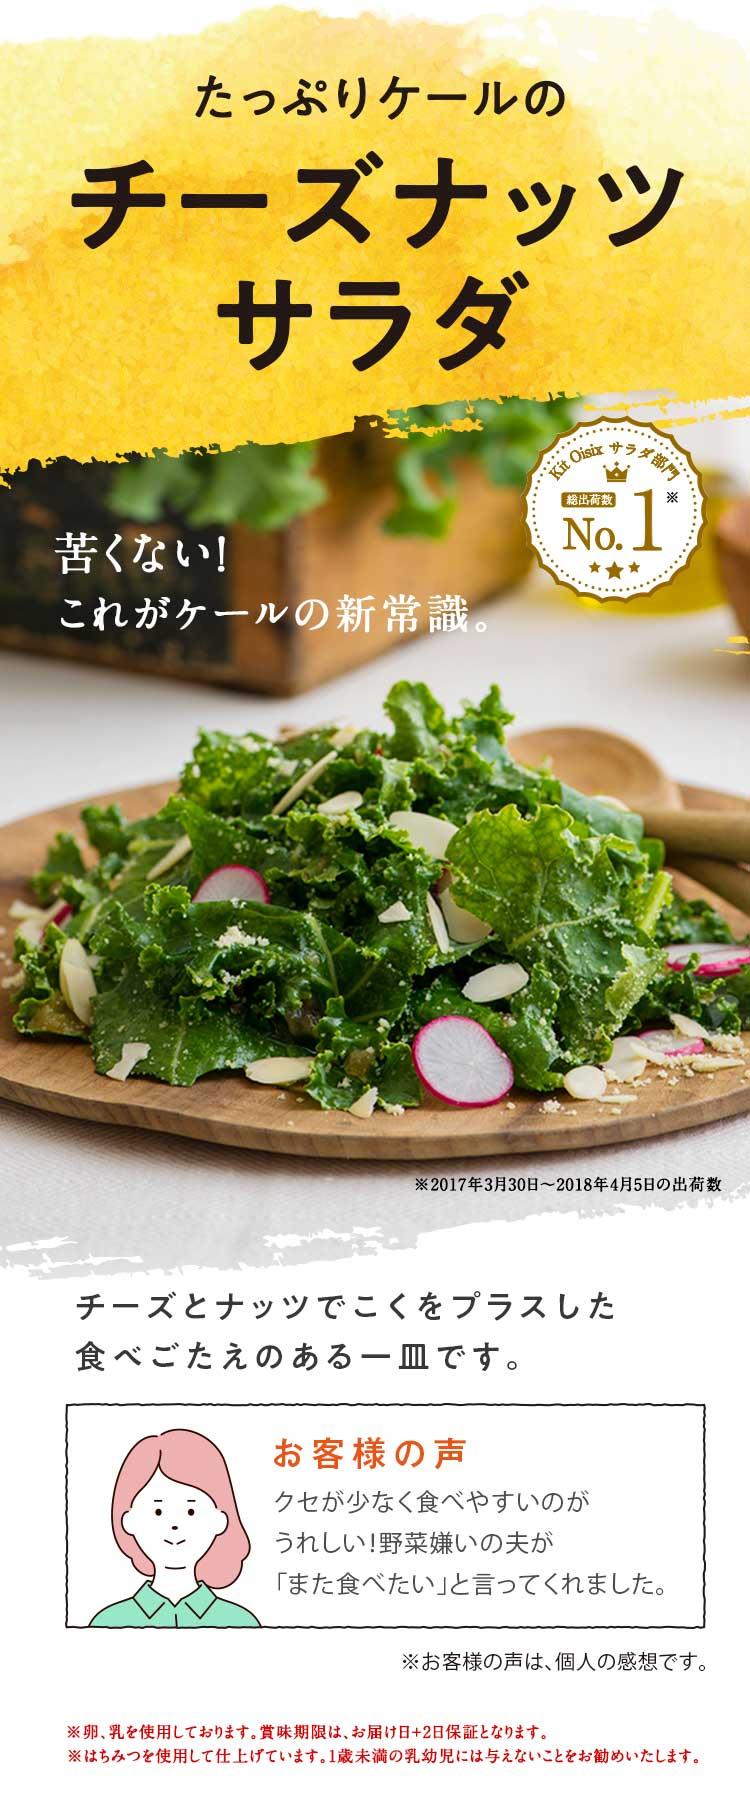 Kit Oisix ケールナッツサラダ